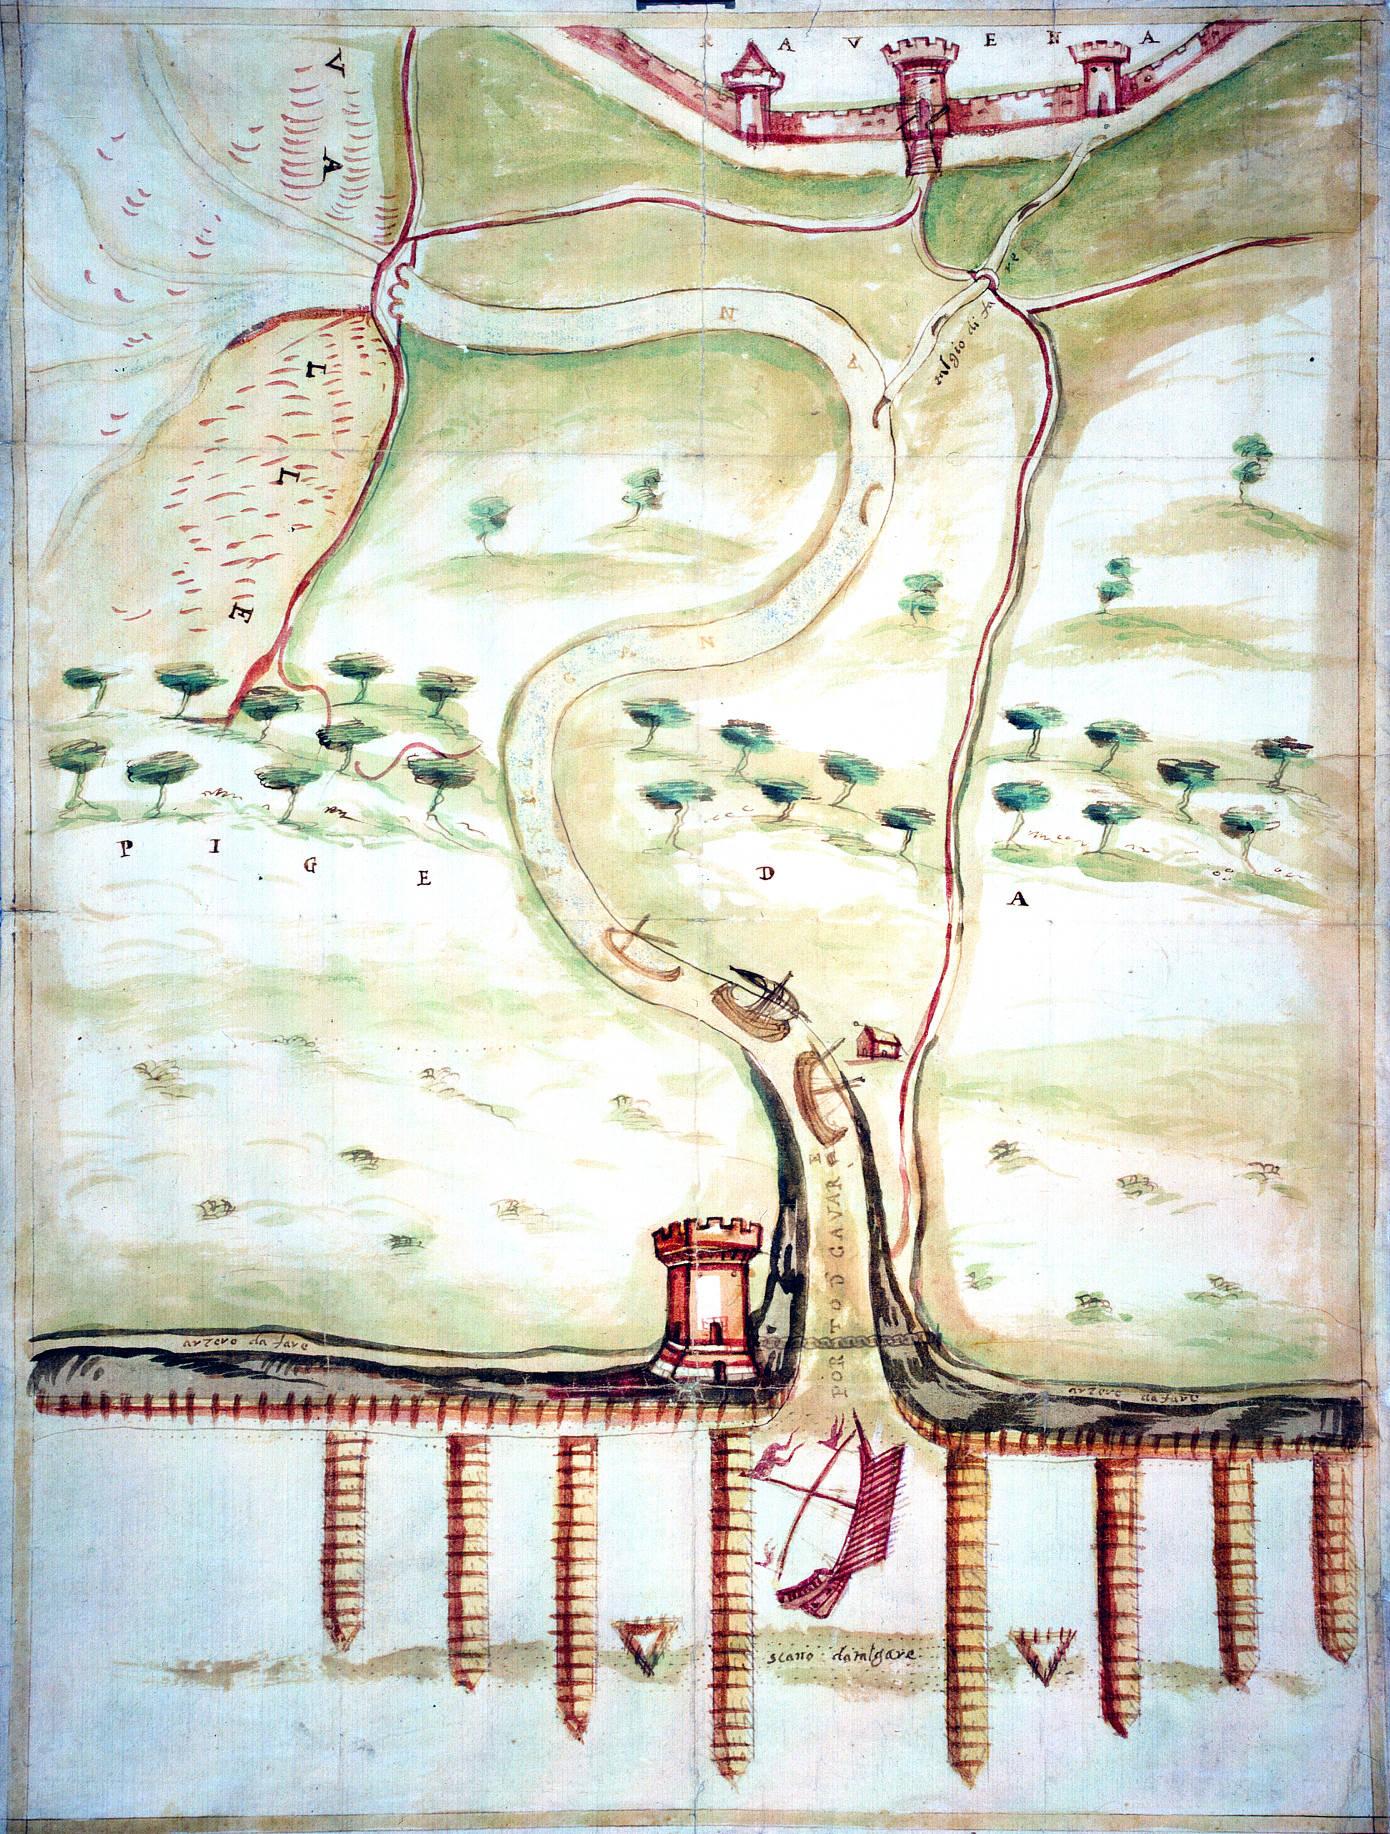 Porto Candiano e suo circondario con torre sulla destra autore: ignoto data: XVI secolo